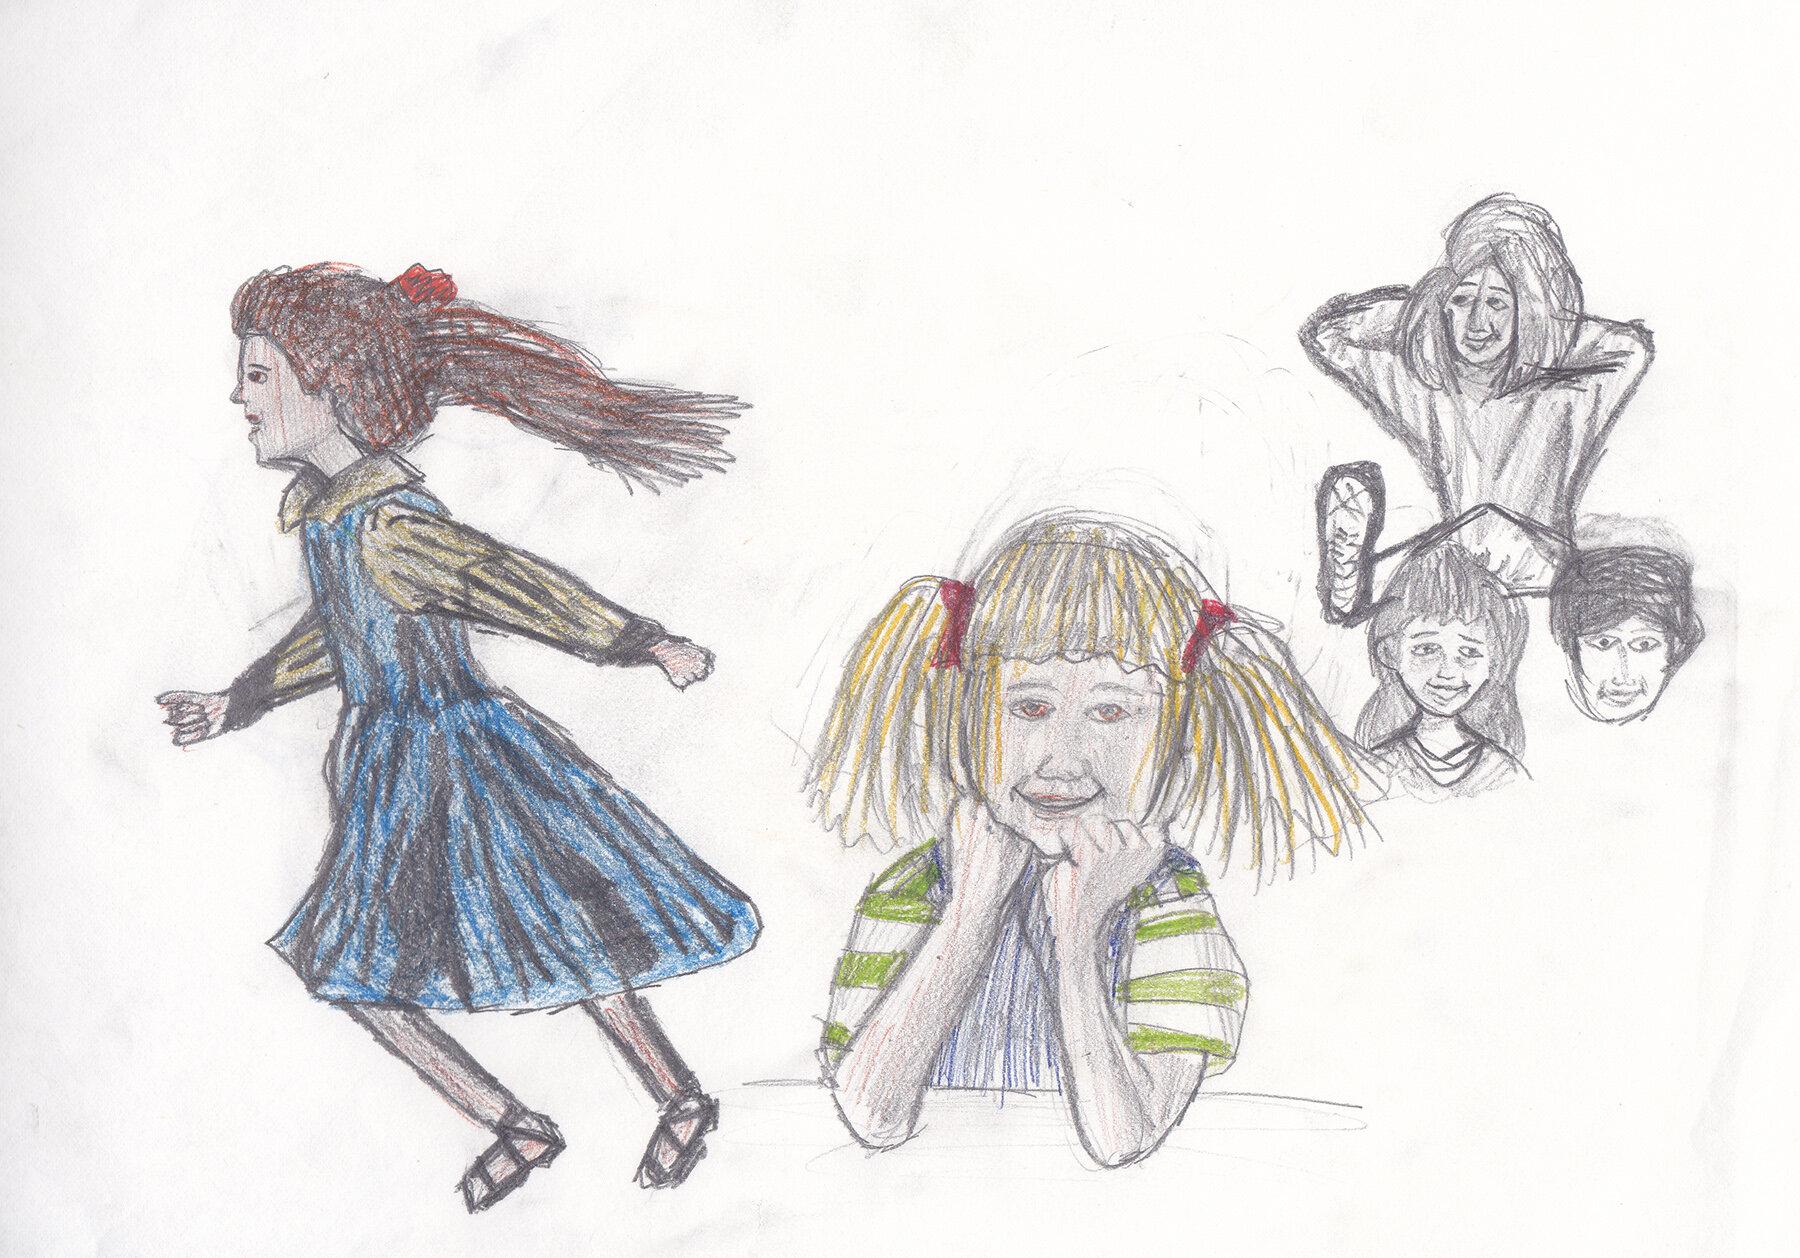 Übungen zum Personen zeichnen, mit Vorlage (1994/95)